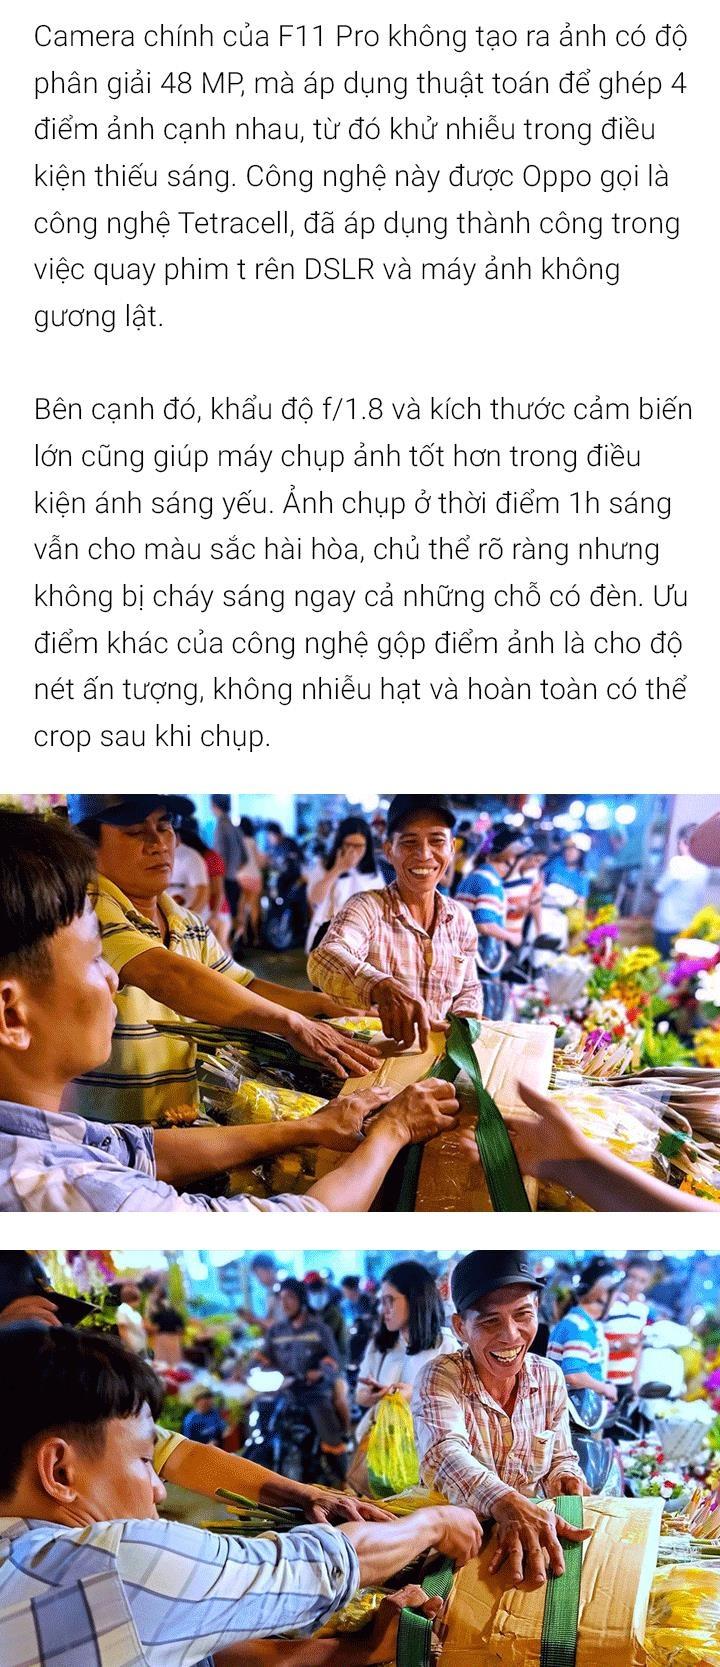 Ngam cho hoa khong ngu giua long Sai Gon hinh anh 7